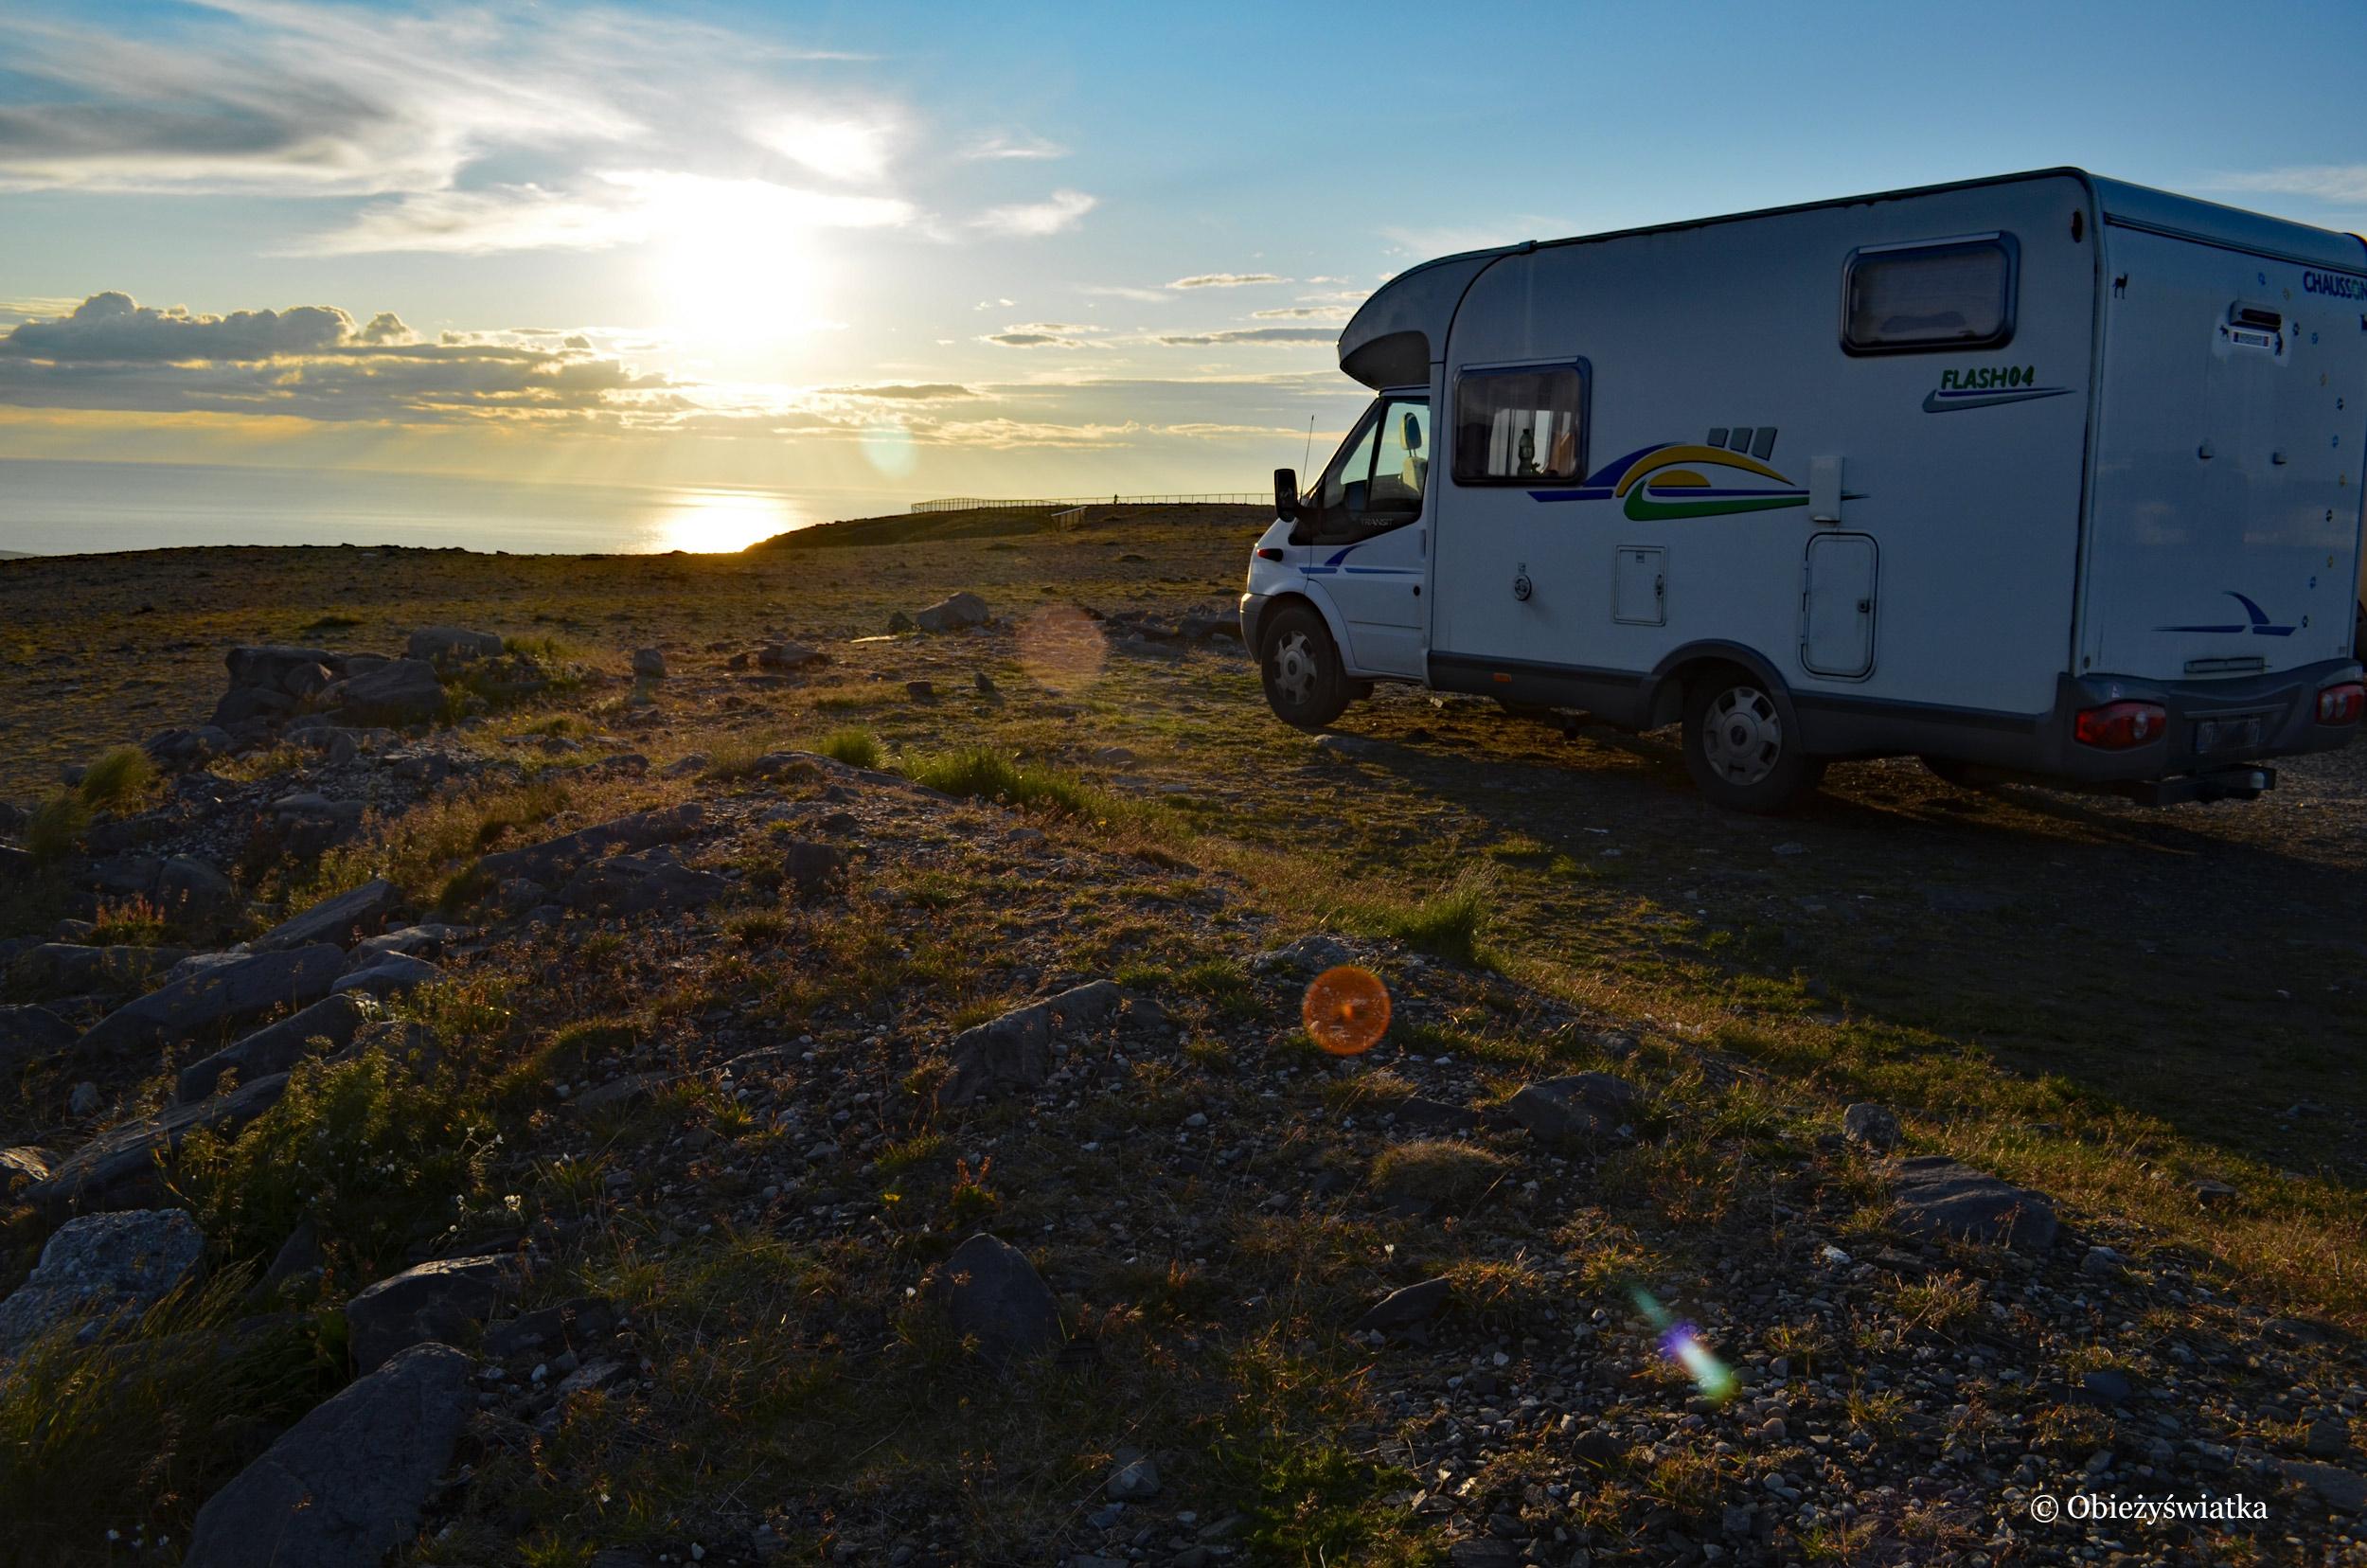 Nordkapp - nasz kamper w promieniach zachodzącego słońca